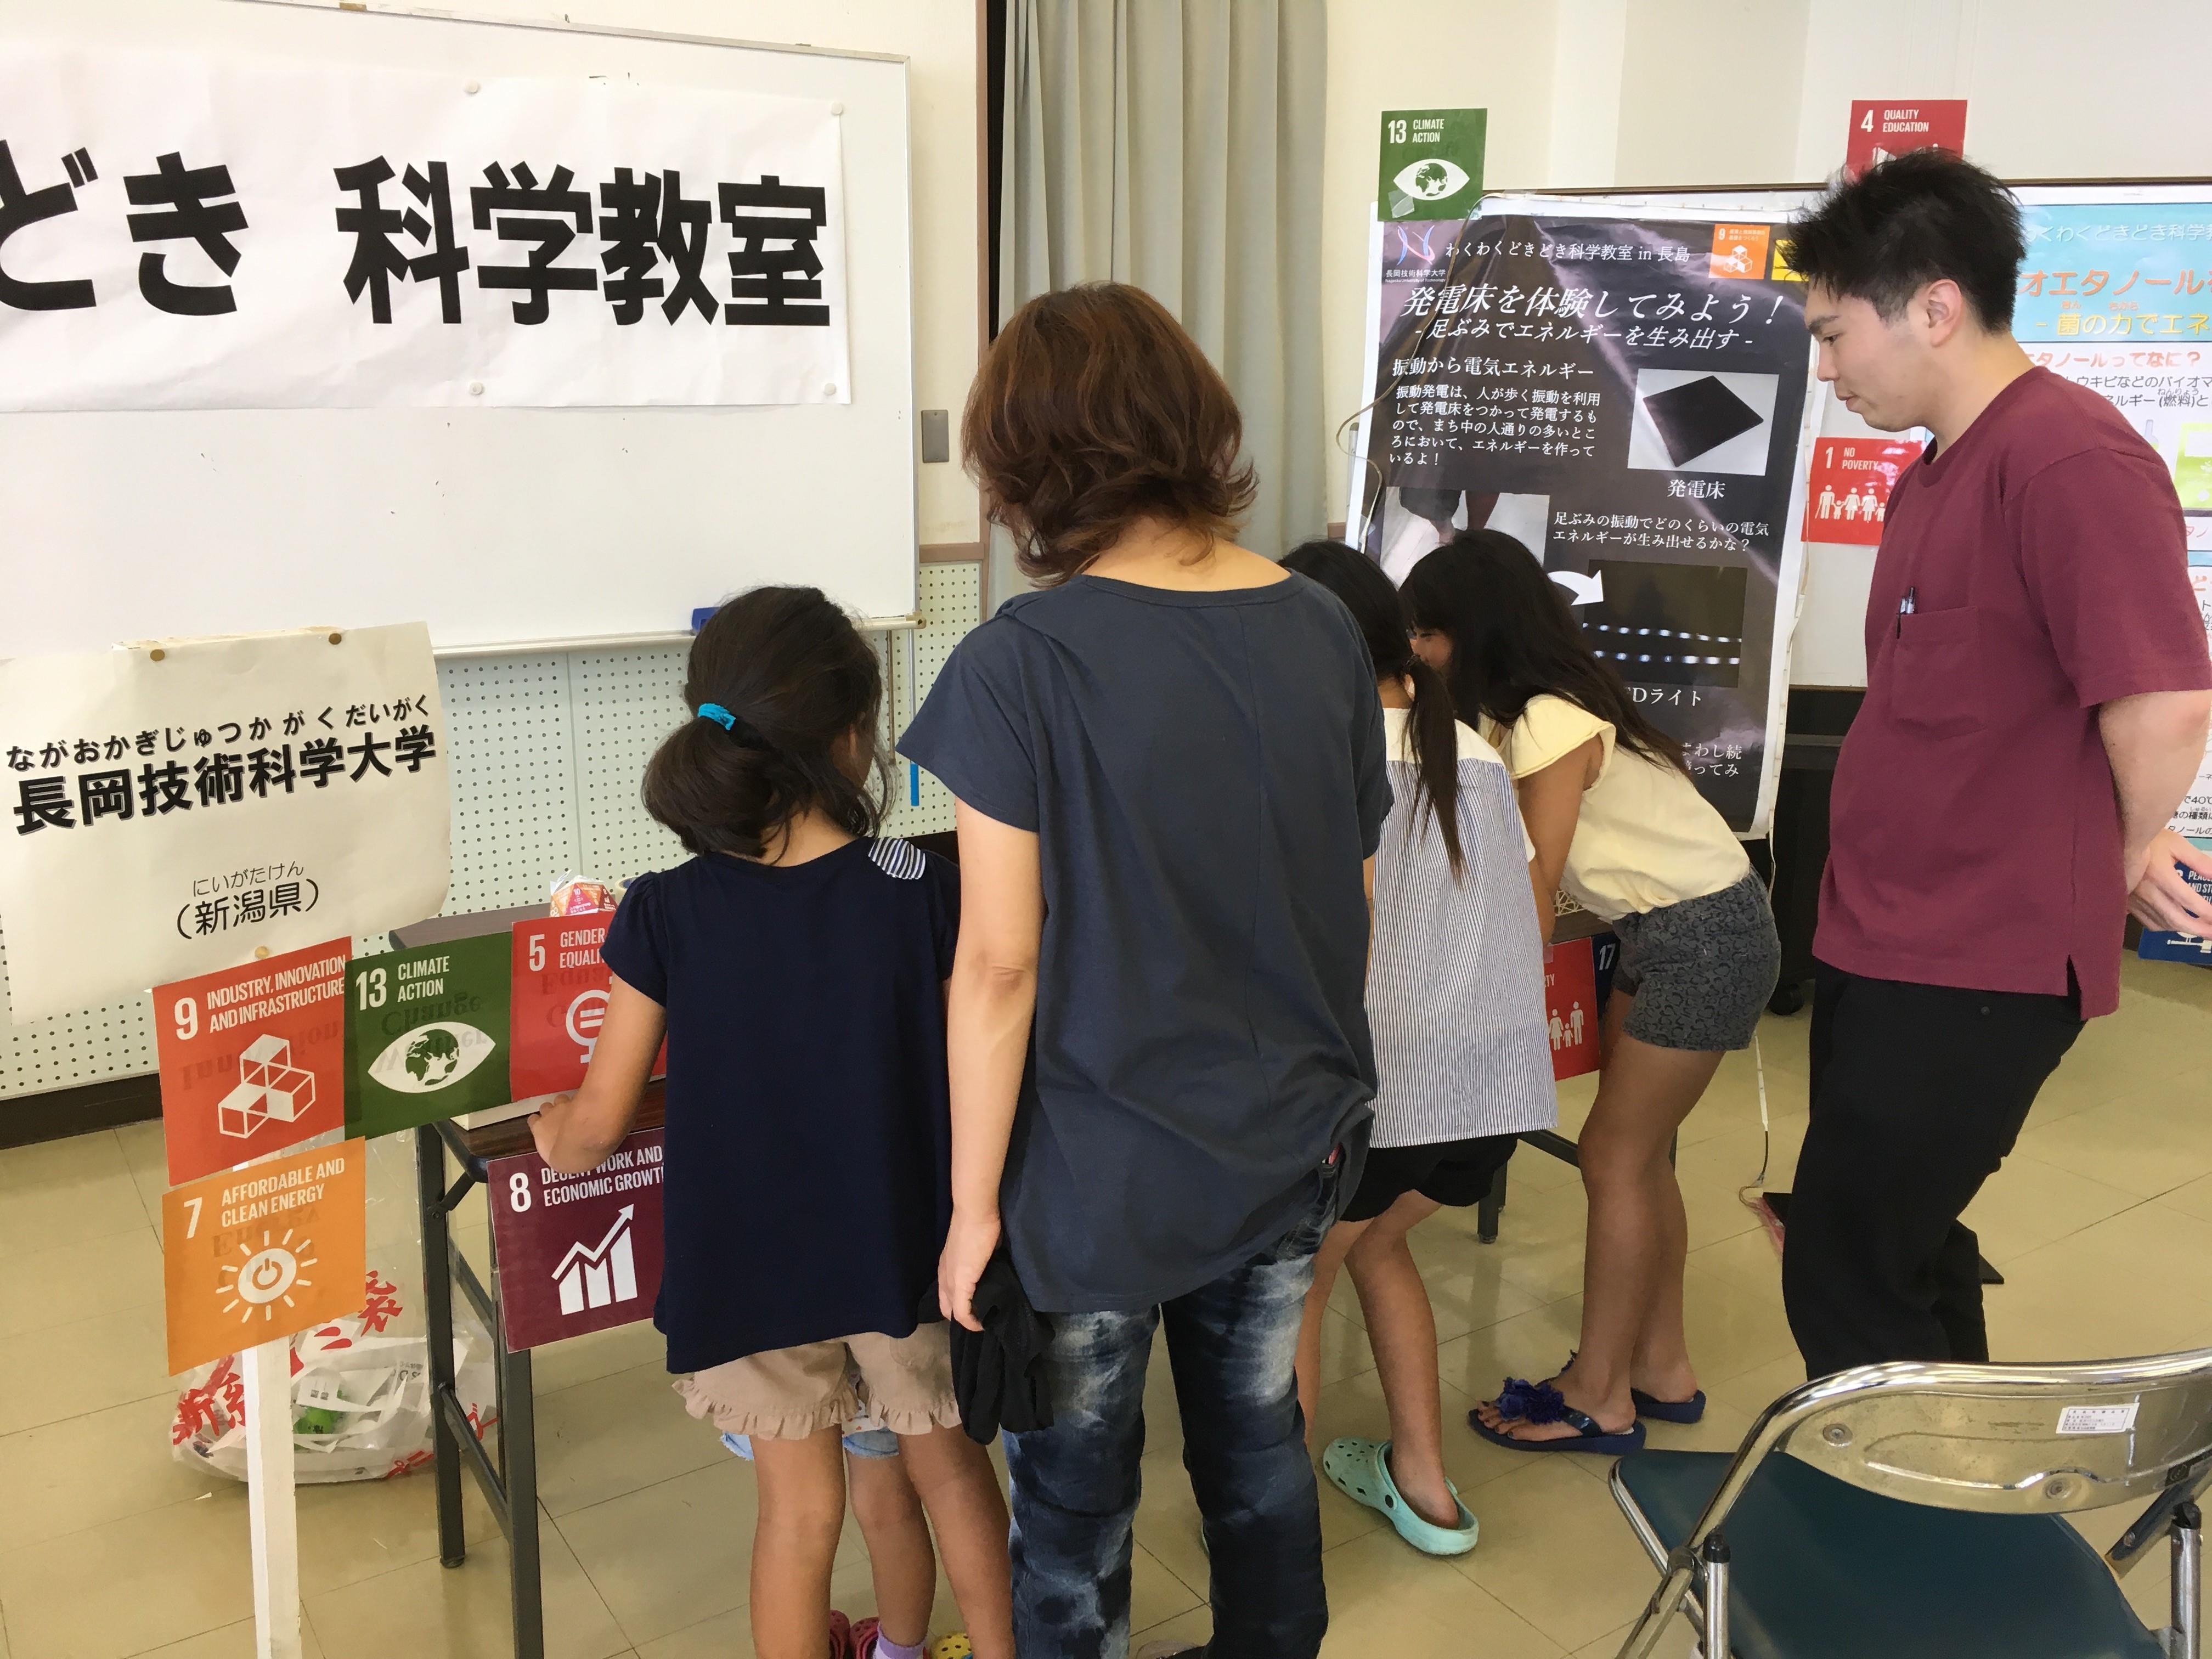 nagashima_science02.jpg